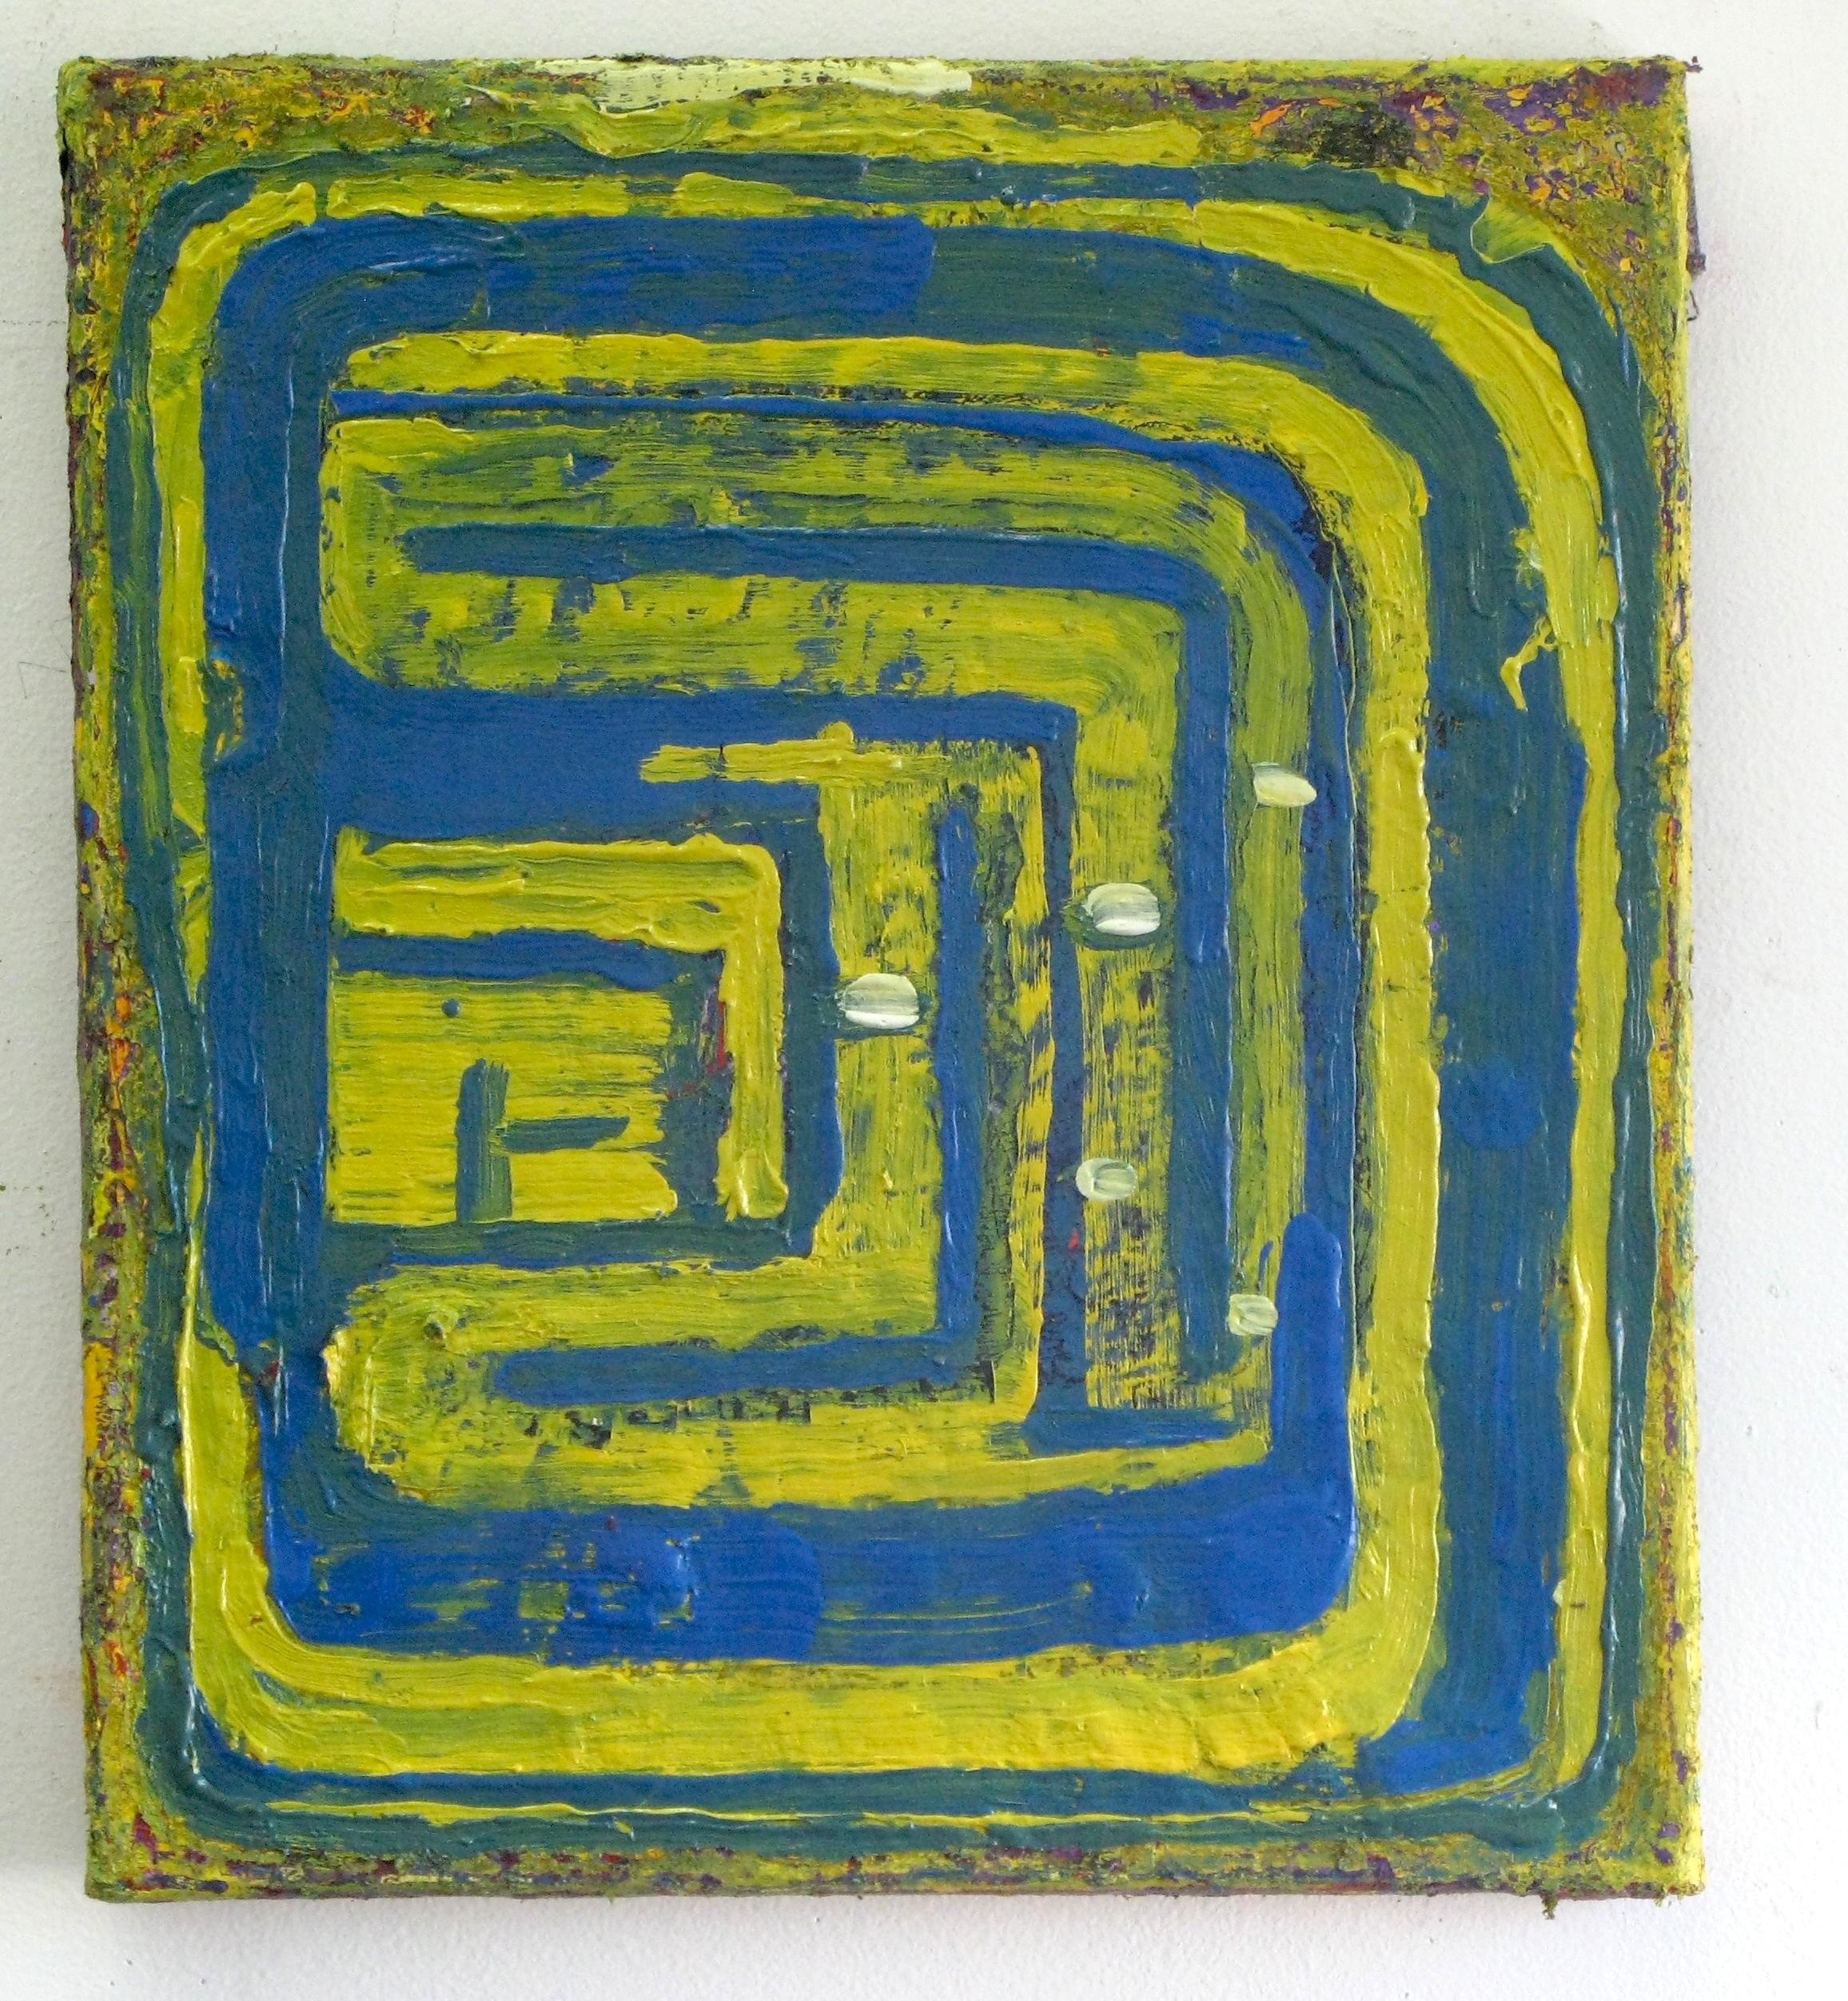 Oil on linen14 x 16 in.